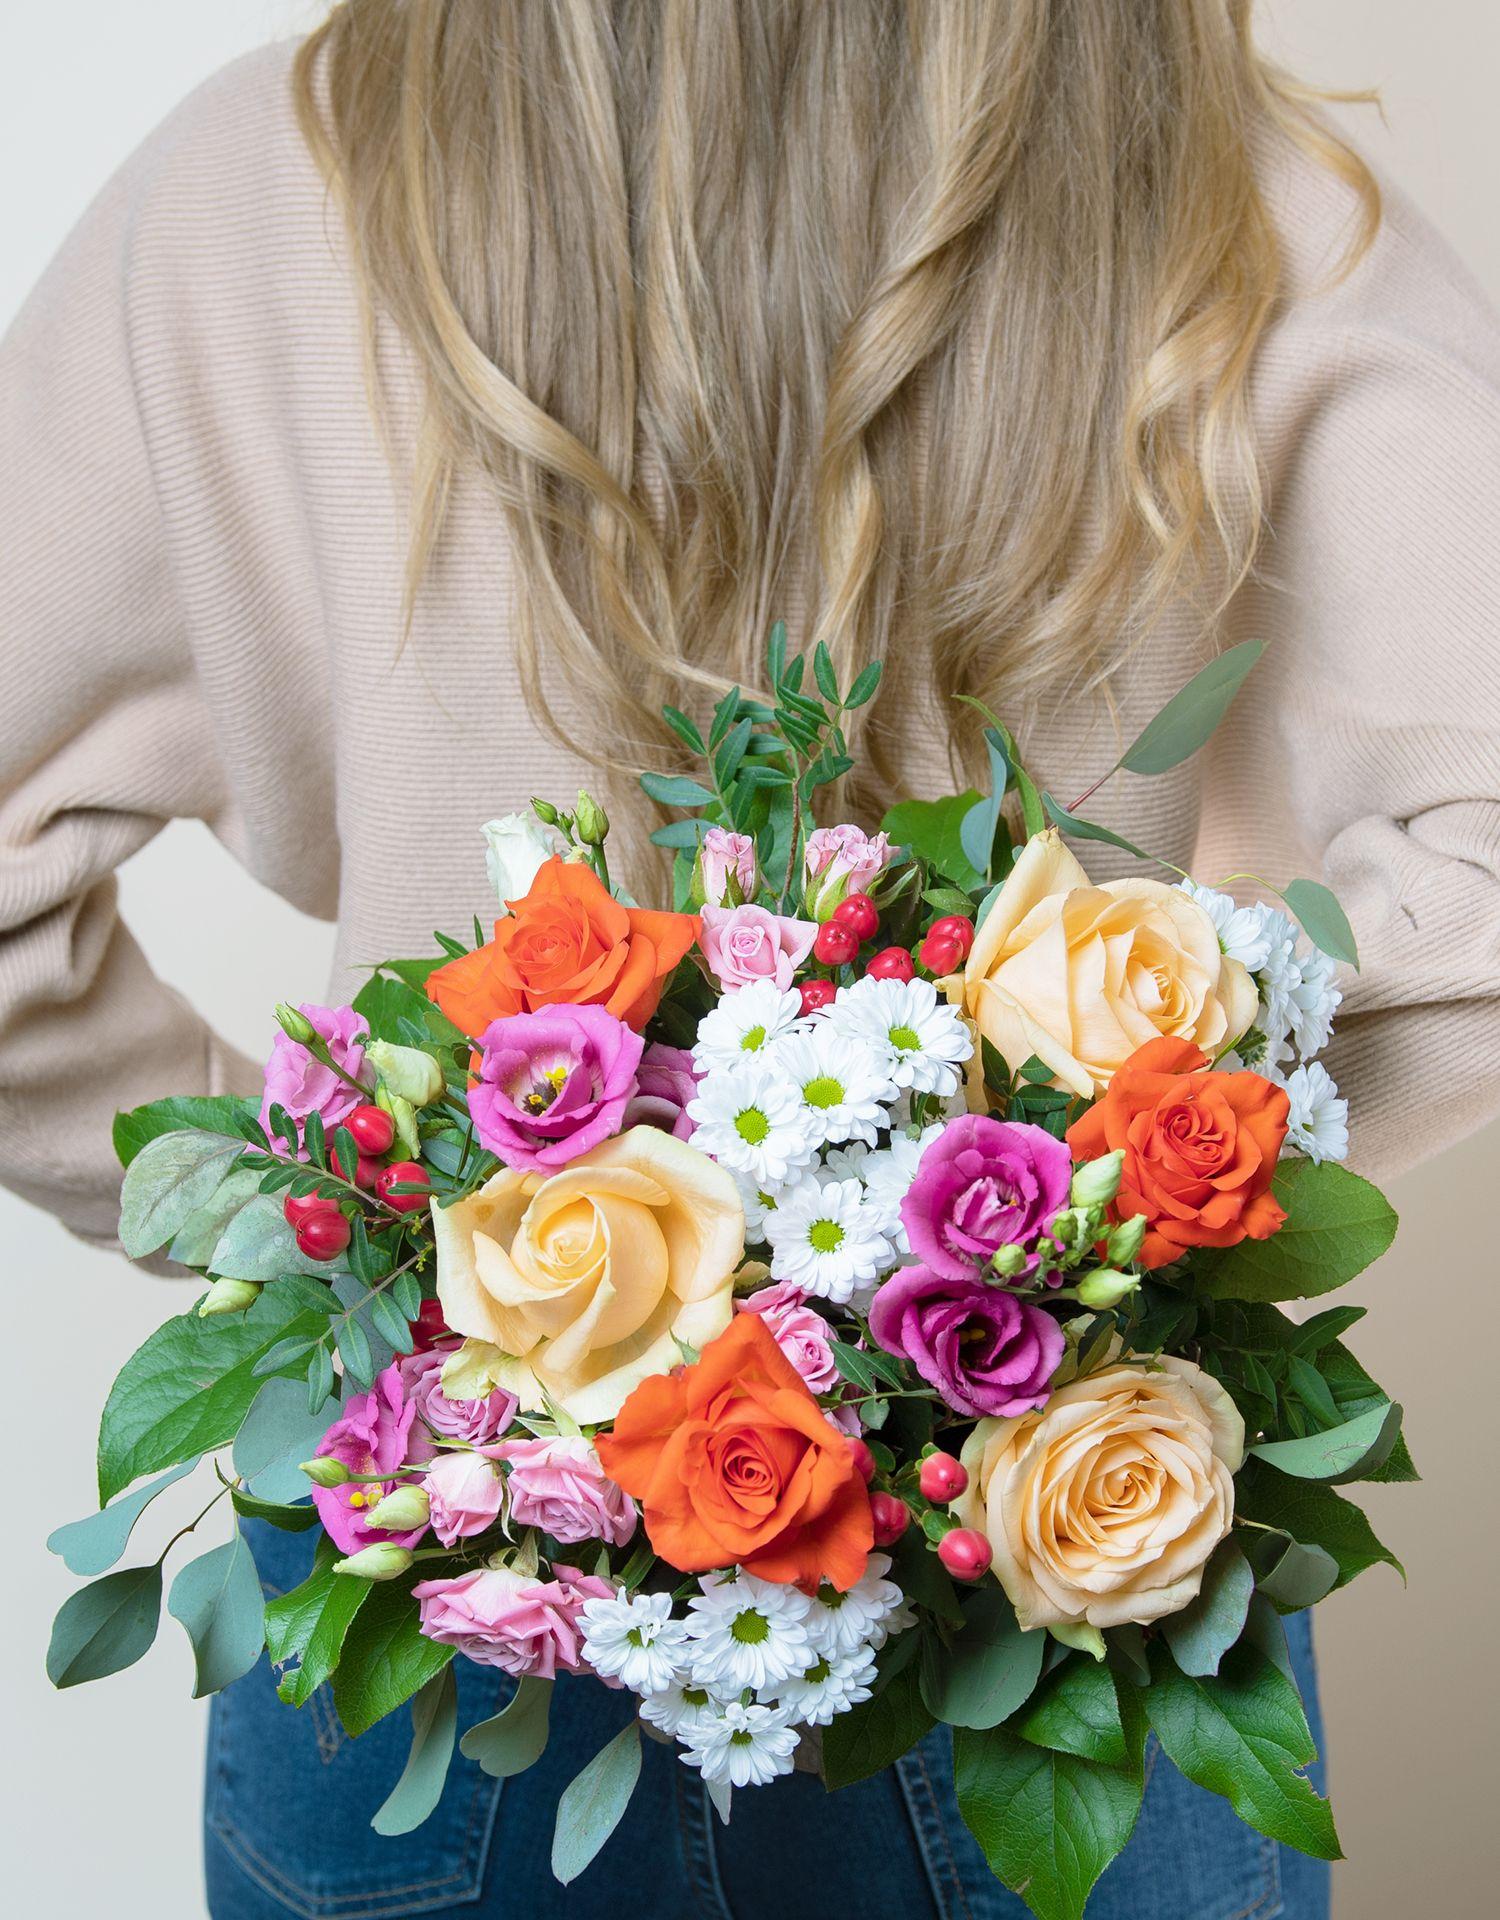 Geschenkidee Zum Muttertag Blumen Von Fleurop Strauss Beschutzerin Blumen Muttertag Geschenkideen